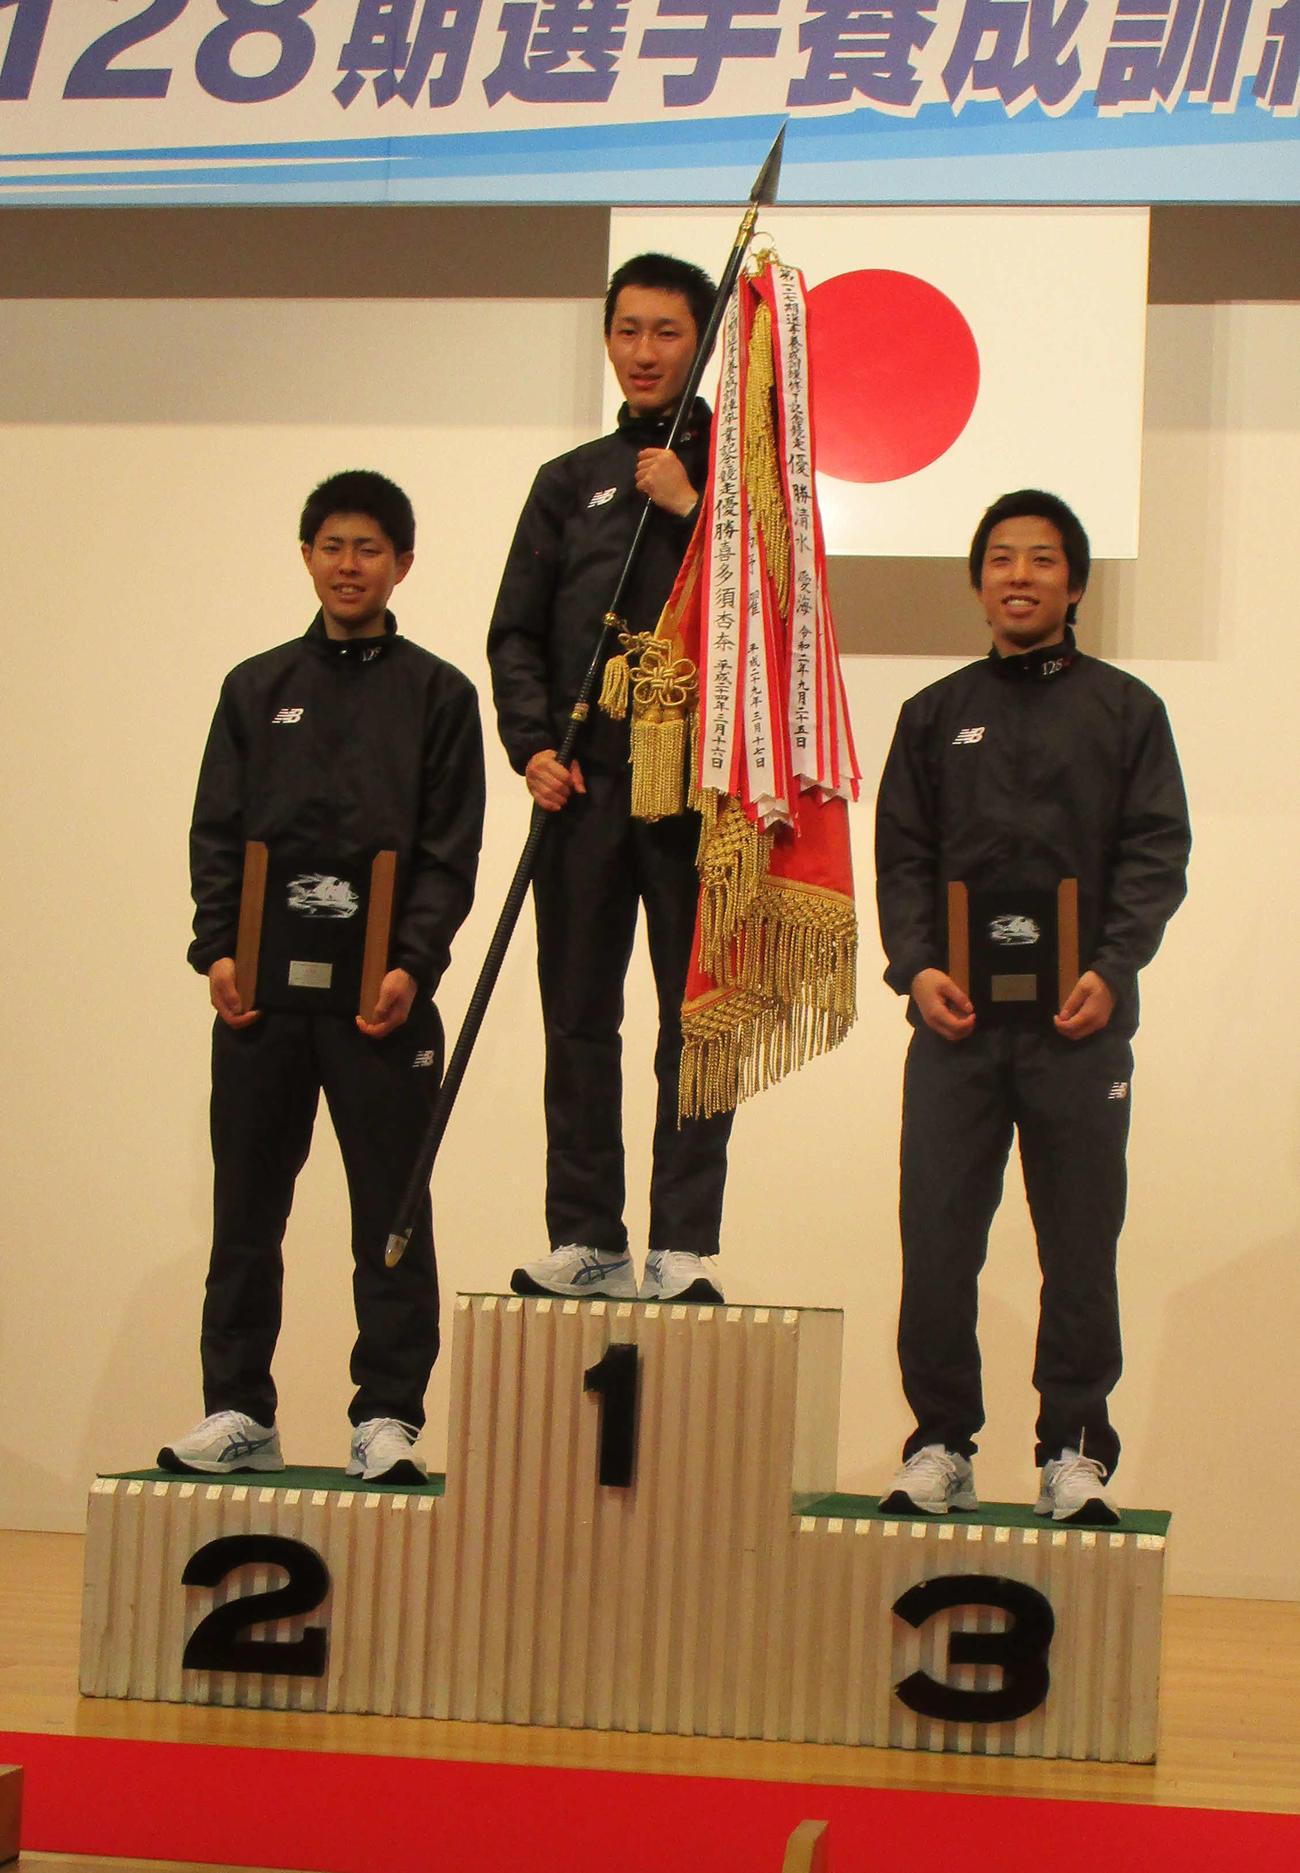 表彰台に上がる優勝の飛田江己(中央)、左は2着の遠藤圭吾、右は3着の大月遊雅